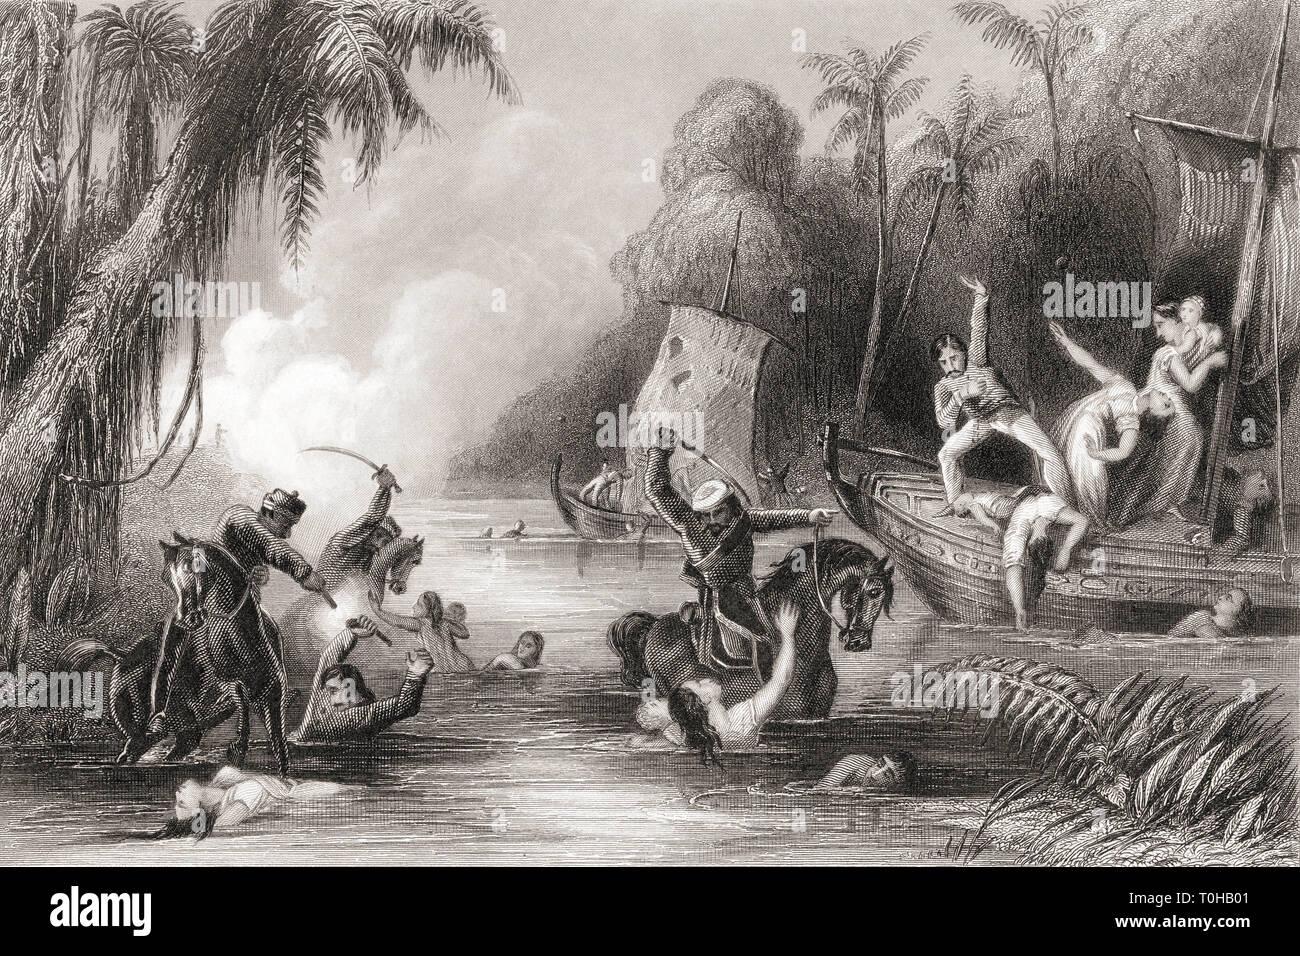 Masacre en los barcos de Cawnpore, India, Asia, 1857 Foto de stock